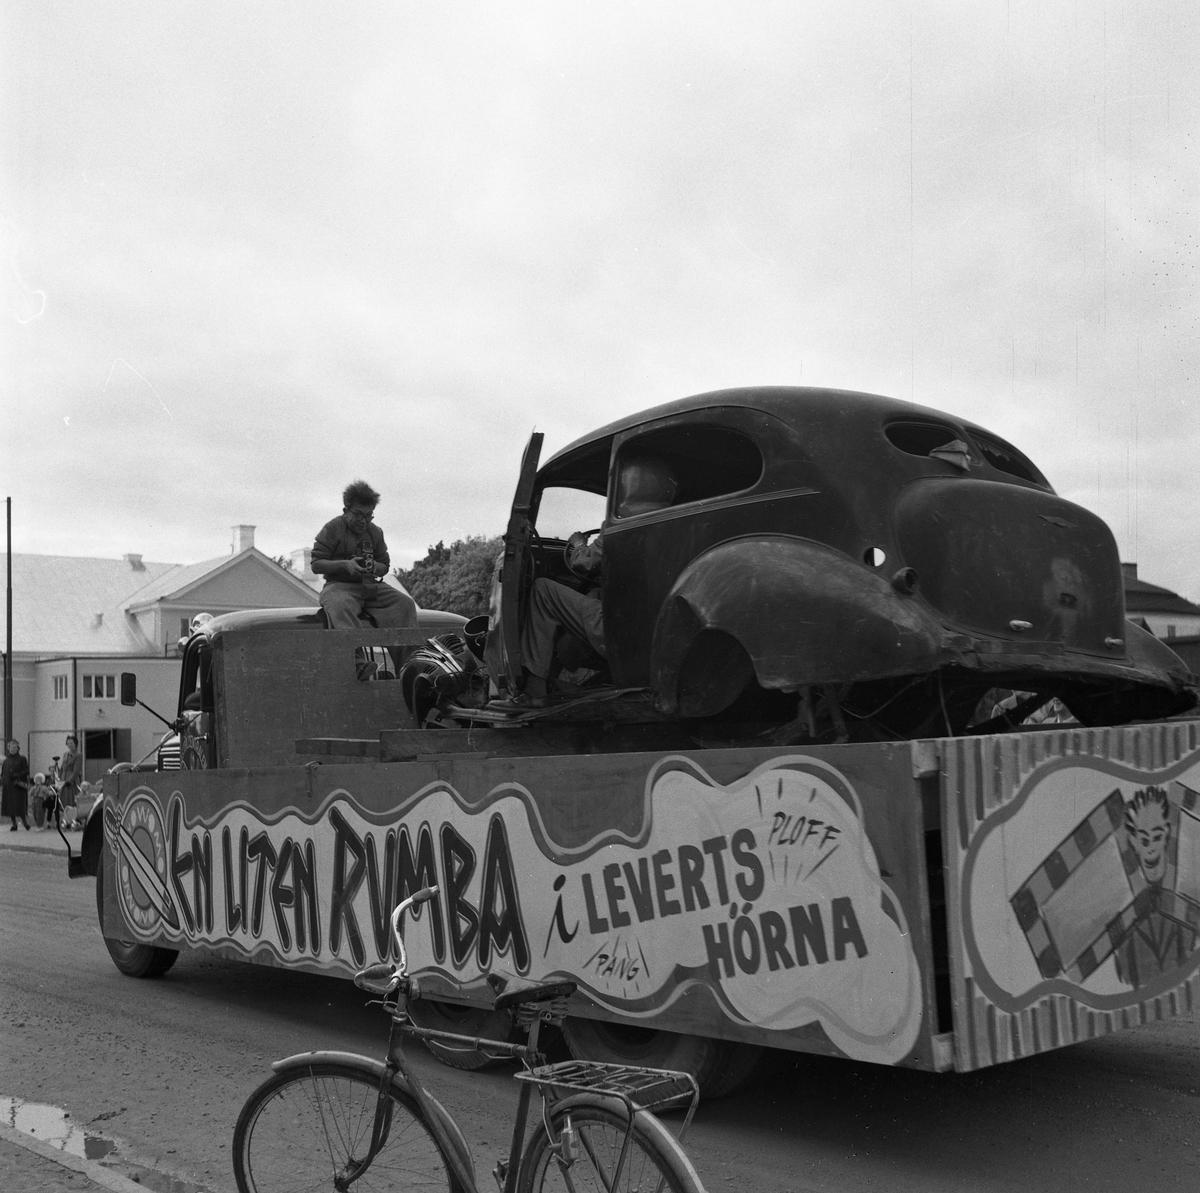 """Barnens Dag firas med en parad genom staden. Här är en lastbil som kör runt med en havererad bil på flaket och fotograf Lasse Åhlin sittande ovanpå hytten. """"En liten rumba i Leverts hörna"""" står det längs flaket. I Levert hörna skedde en del trafikolyckor, därav texten. Lasse fick ofta uppdrag, av polisen, att ta bilder på trafikolyckor."""